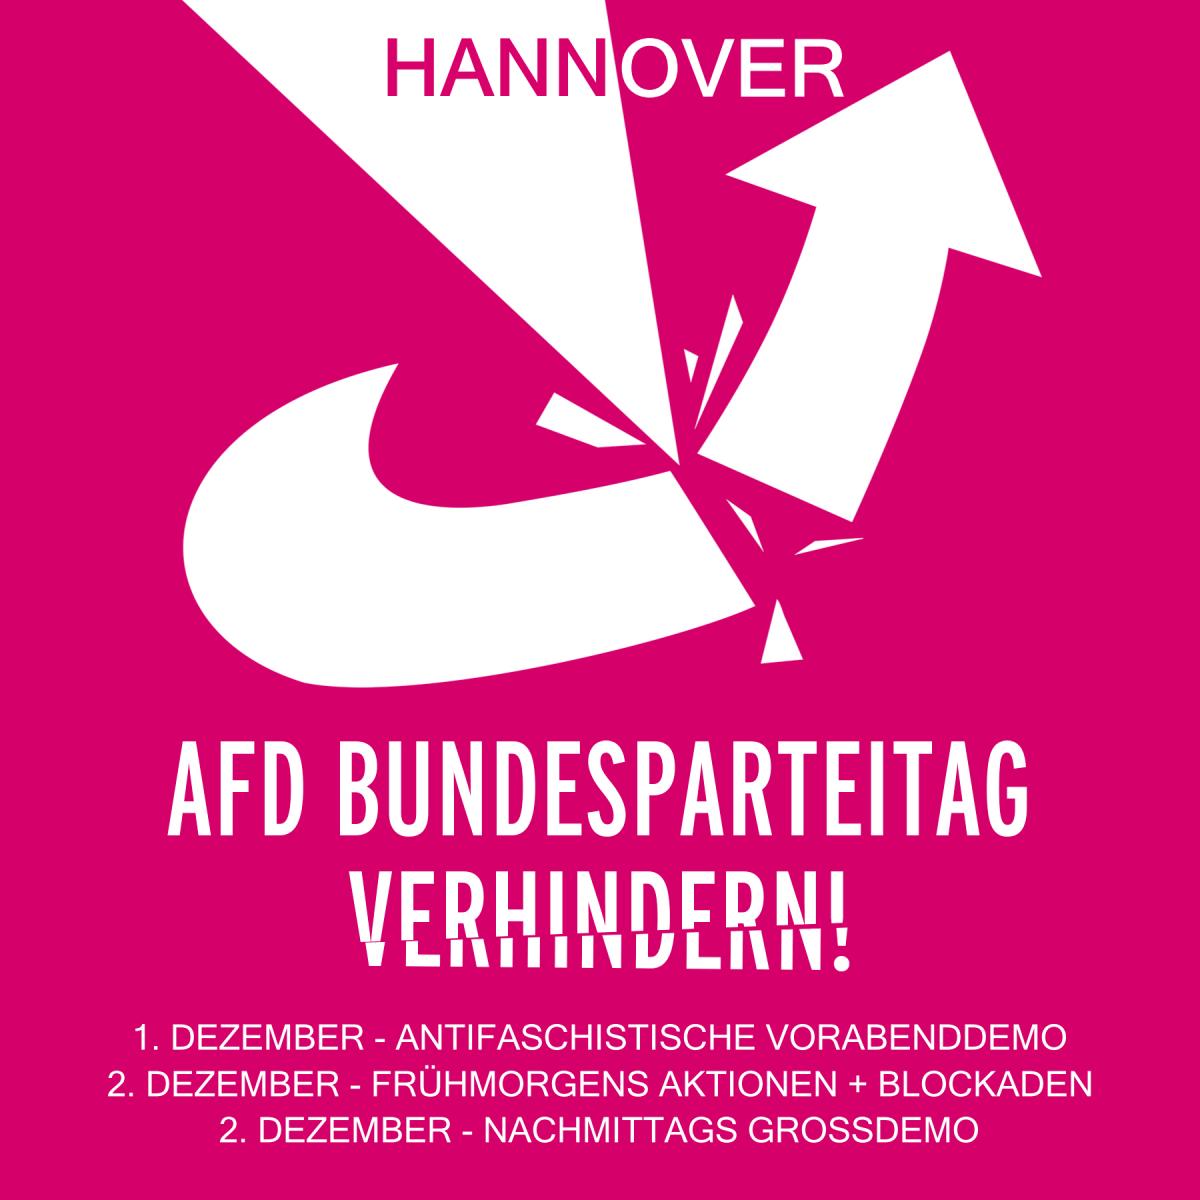 AfD Bundesparteitag am 02.12. in Hannover verhindern